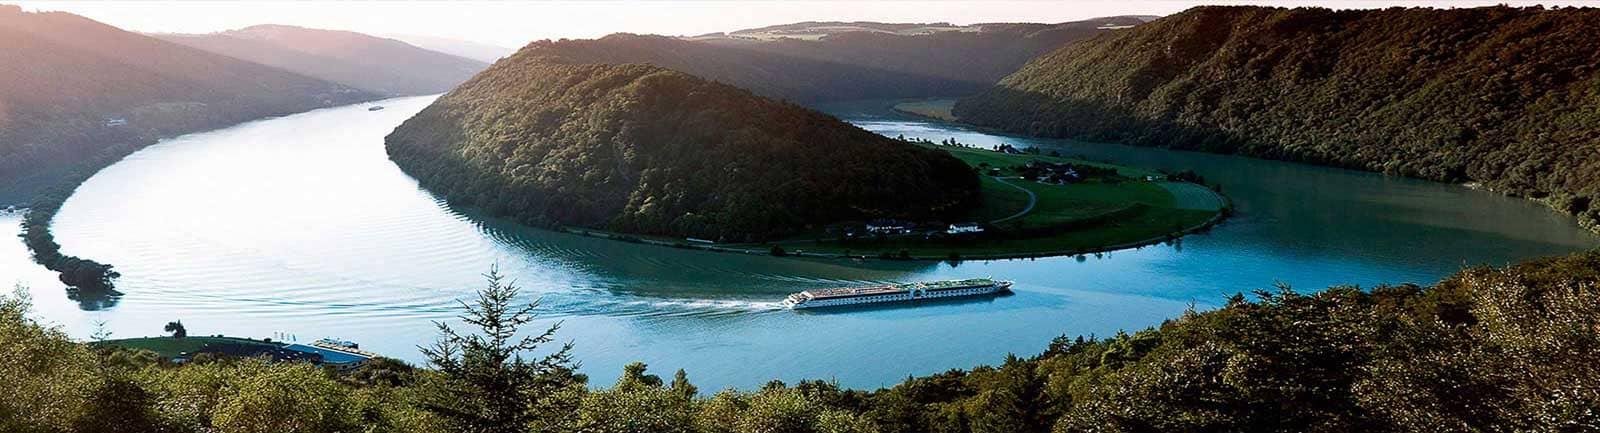 Vista panorámica crucero fluvial A-Rosa